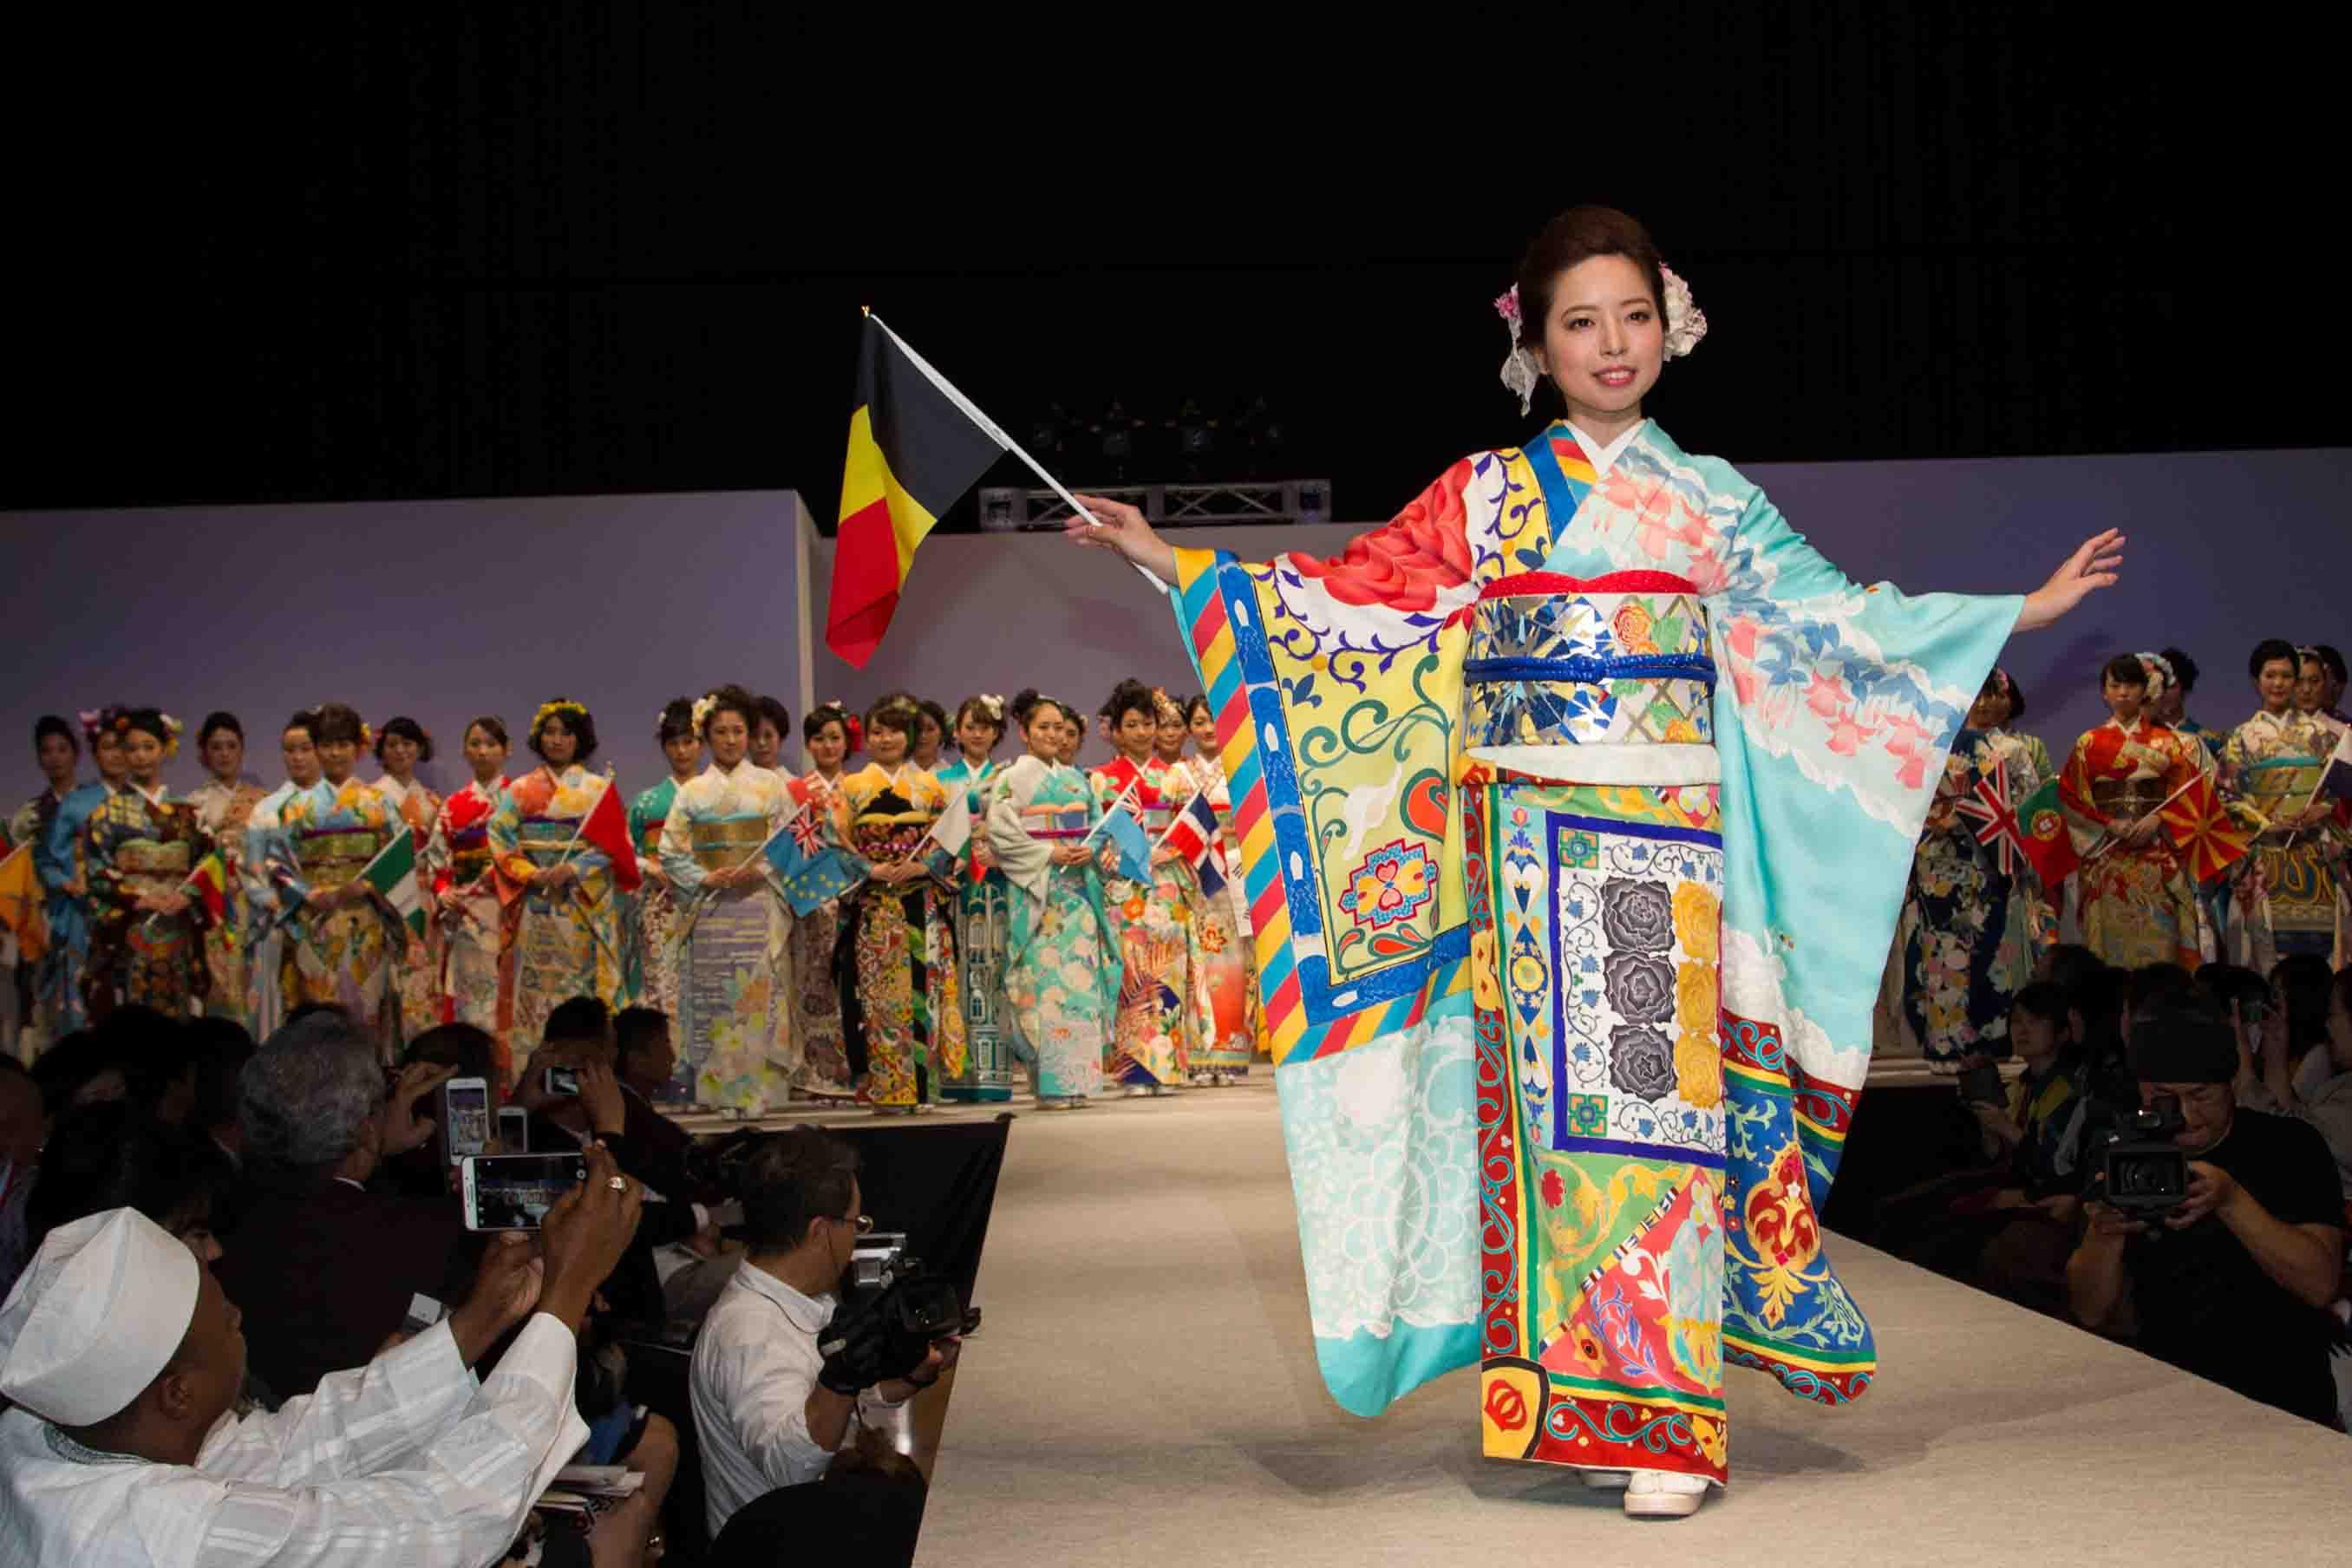 ベルギーの振袖。世界遺産のお祭り衣装や王宮のガラスの温室などをモチーフに描かれている